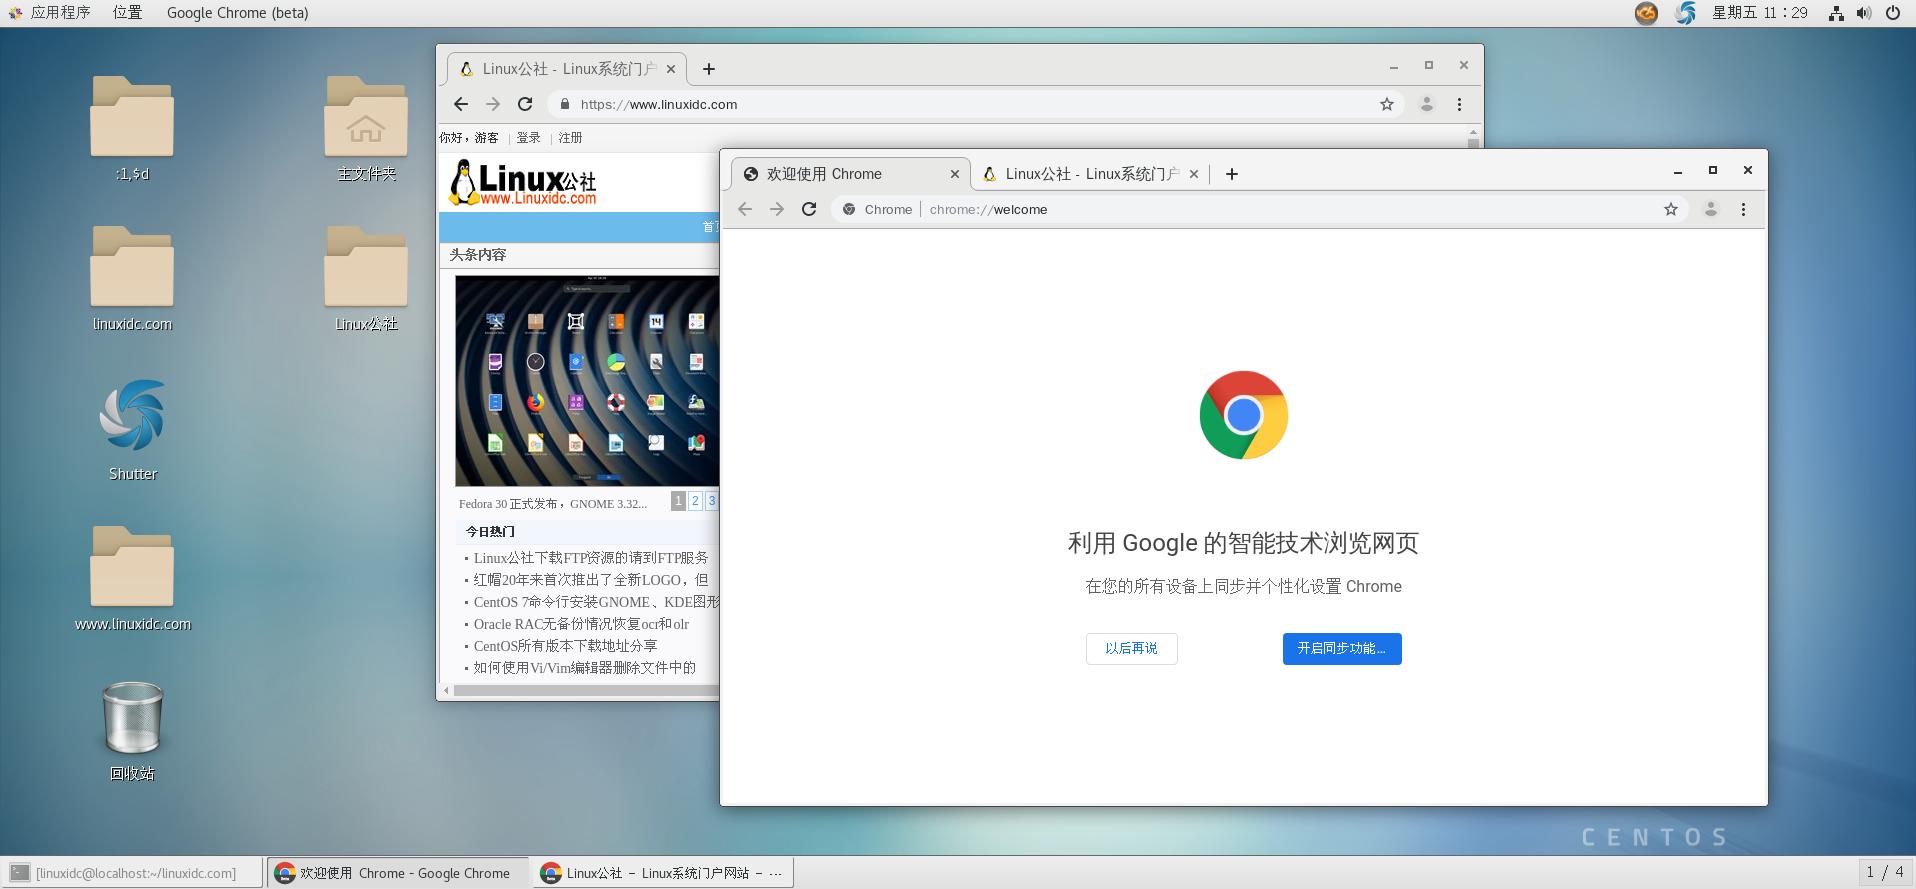 CentOS 7图形界面中安装最新Chrome稳定版或Beta测试版